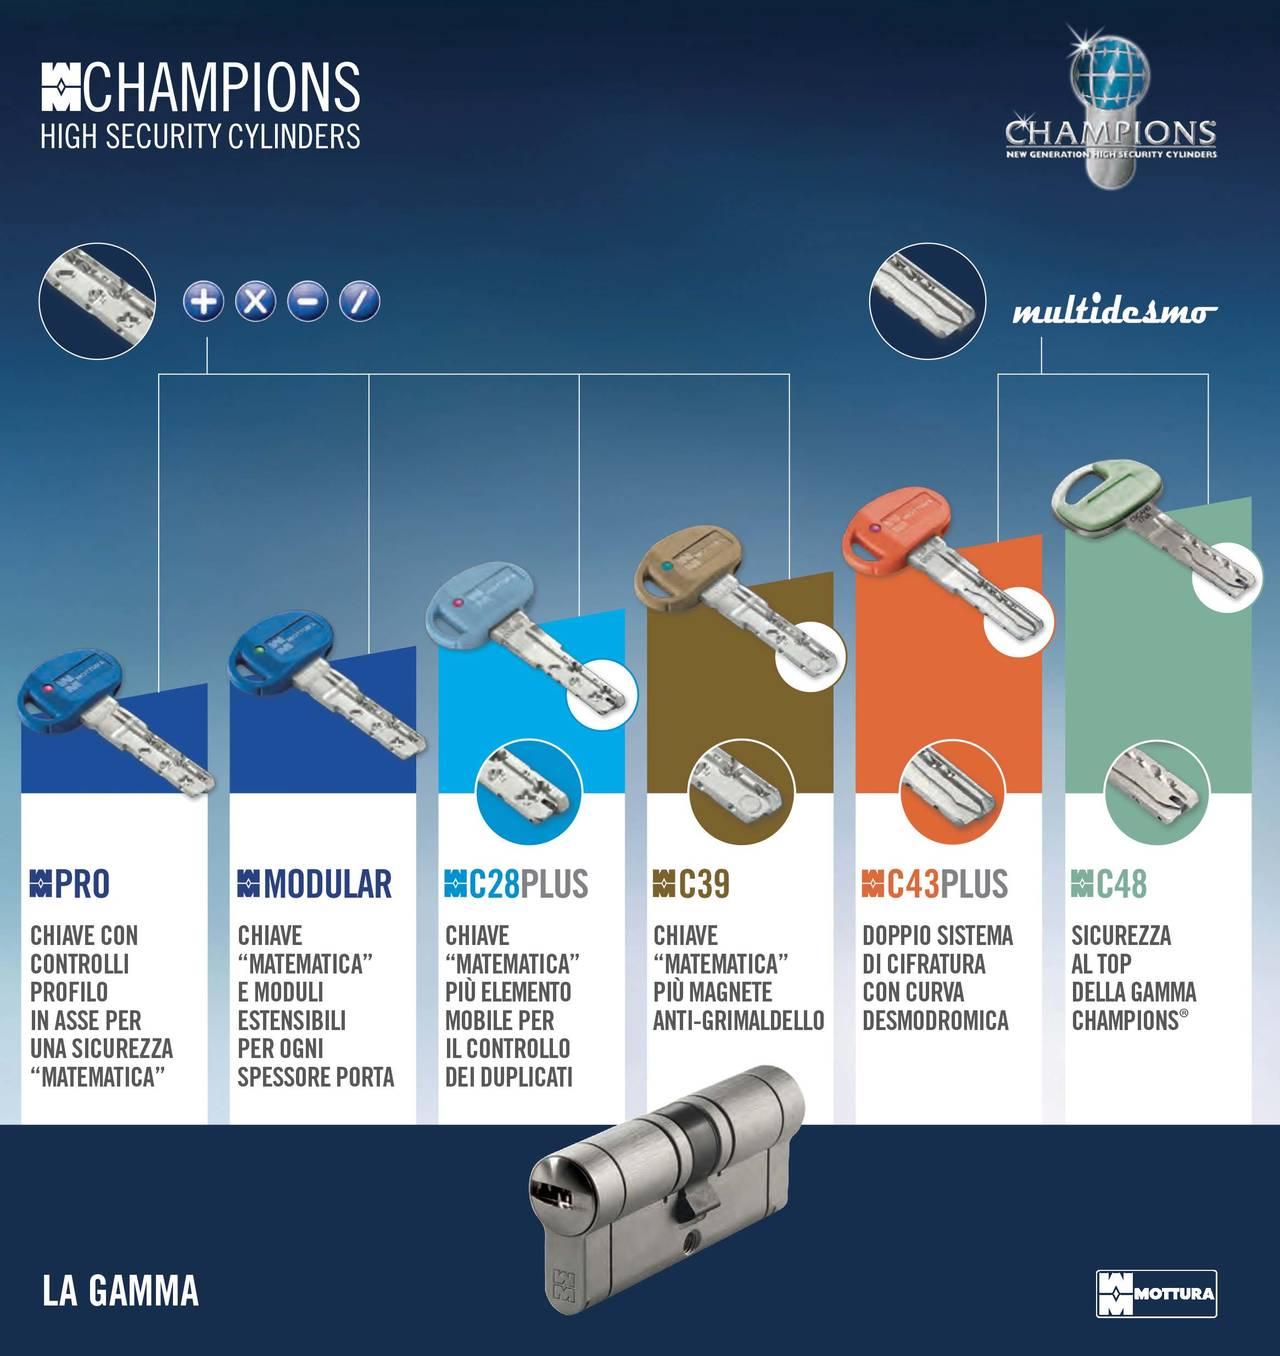 Mottura Serrature Presenta Le Nuove Chiavi Di Sicurezza Champions